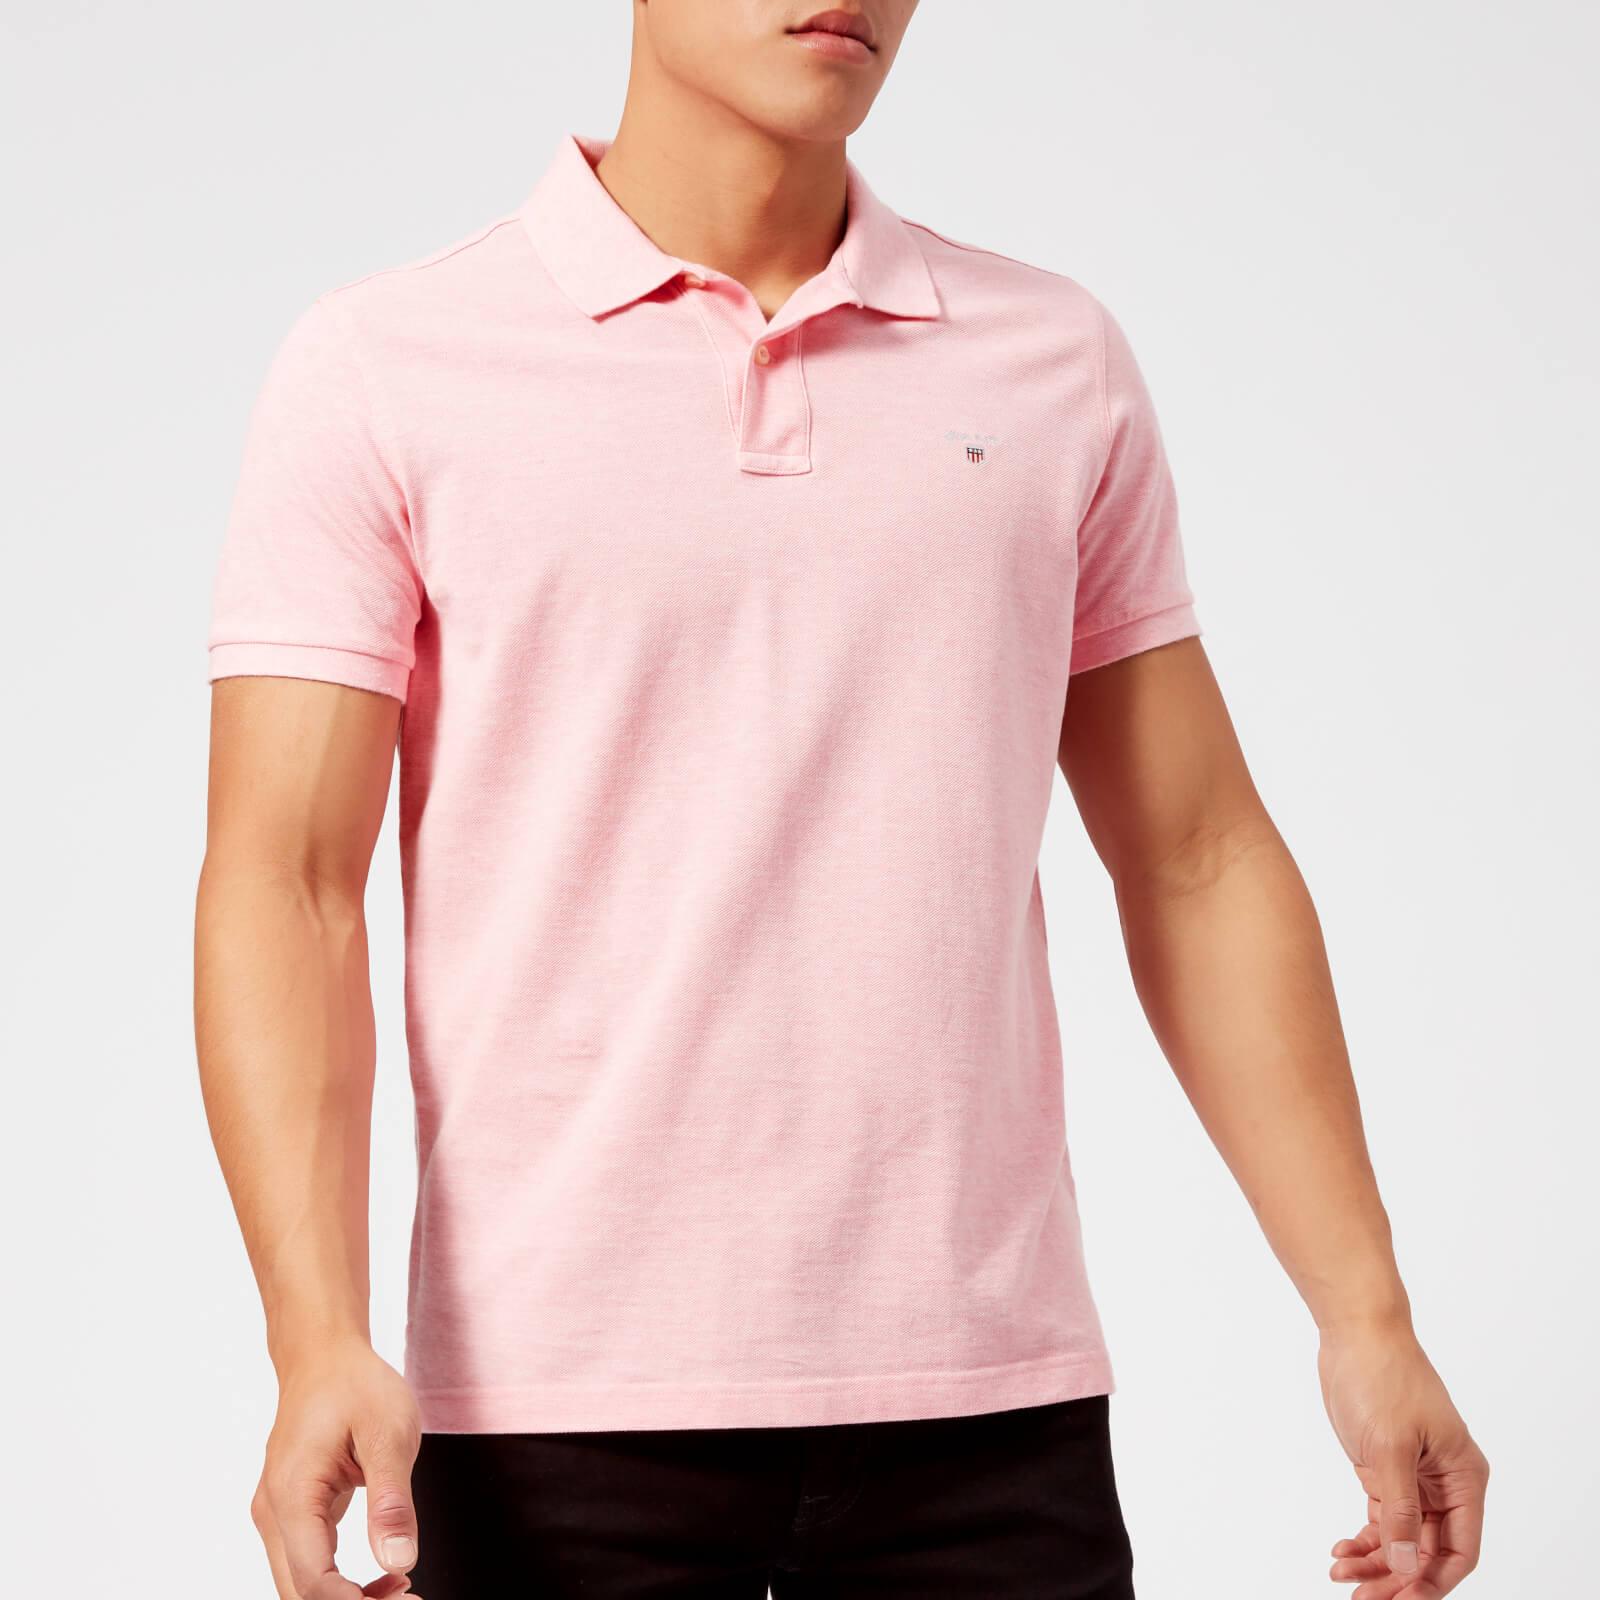 8a07c9b72e06 GANT Men's Original Pique Polo Shirt - Light Pink Melange Clothing |  TheHut.com